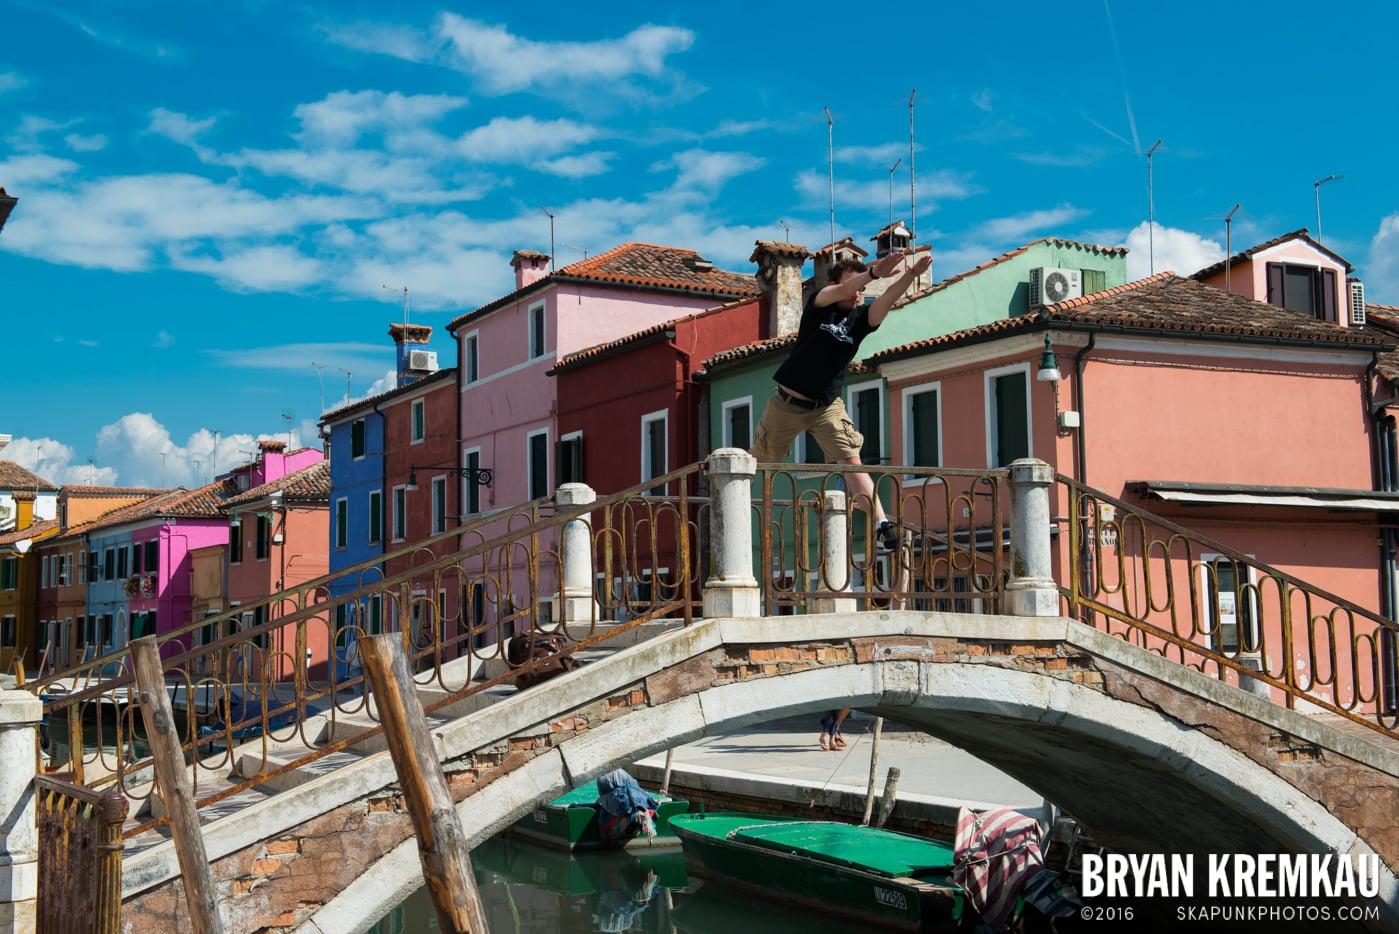 Italy Vacation - Day 6: Murano, Burano, Venice - 9.14.13 (53)